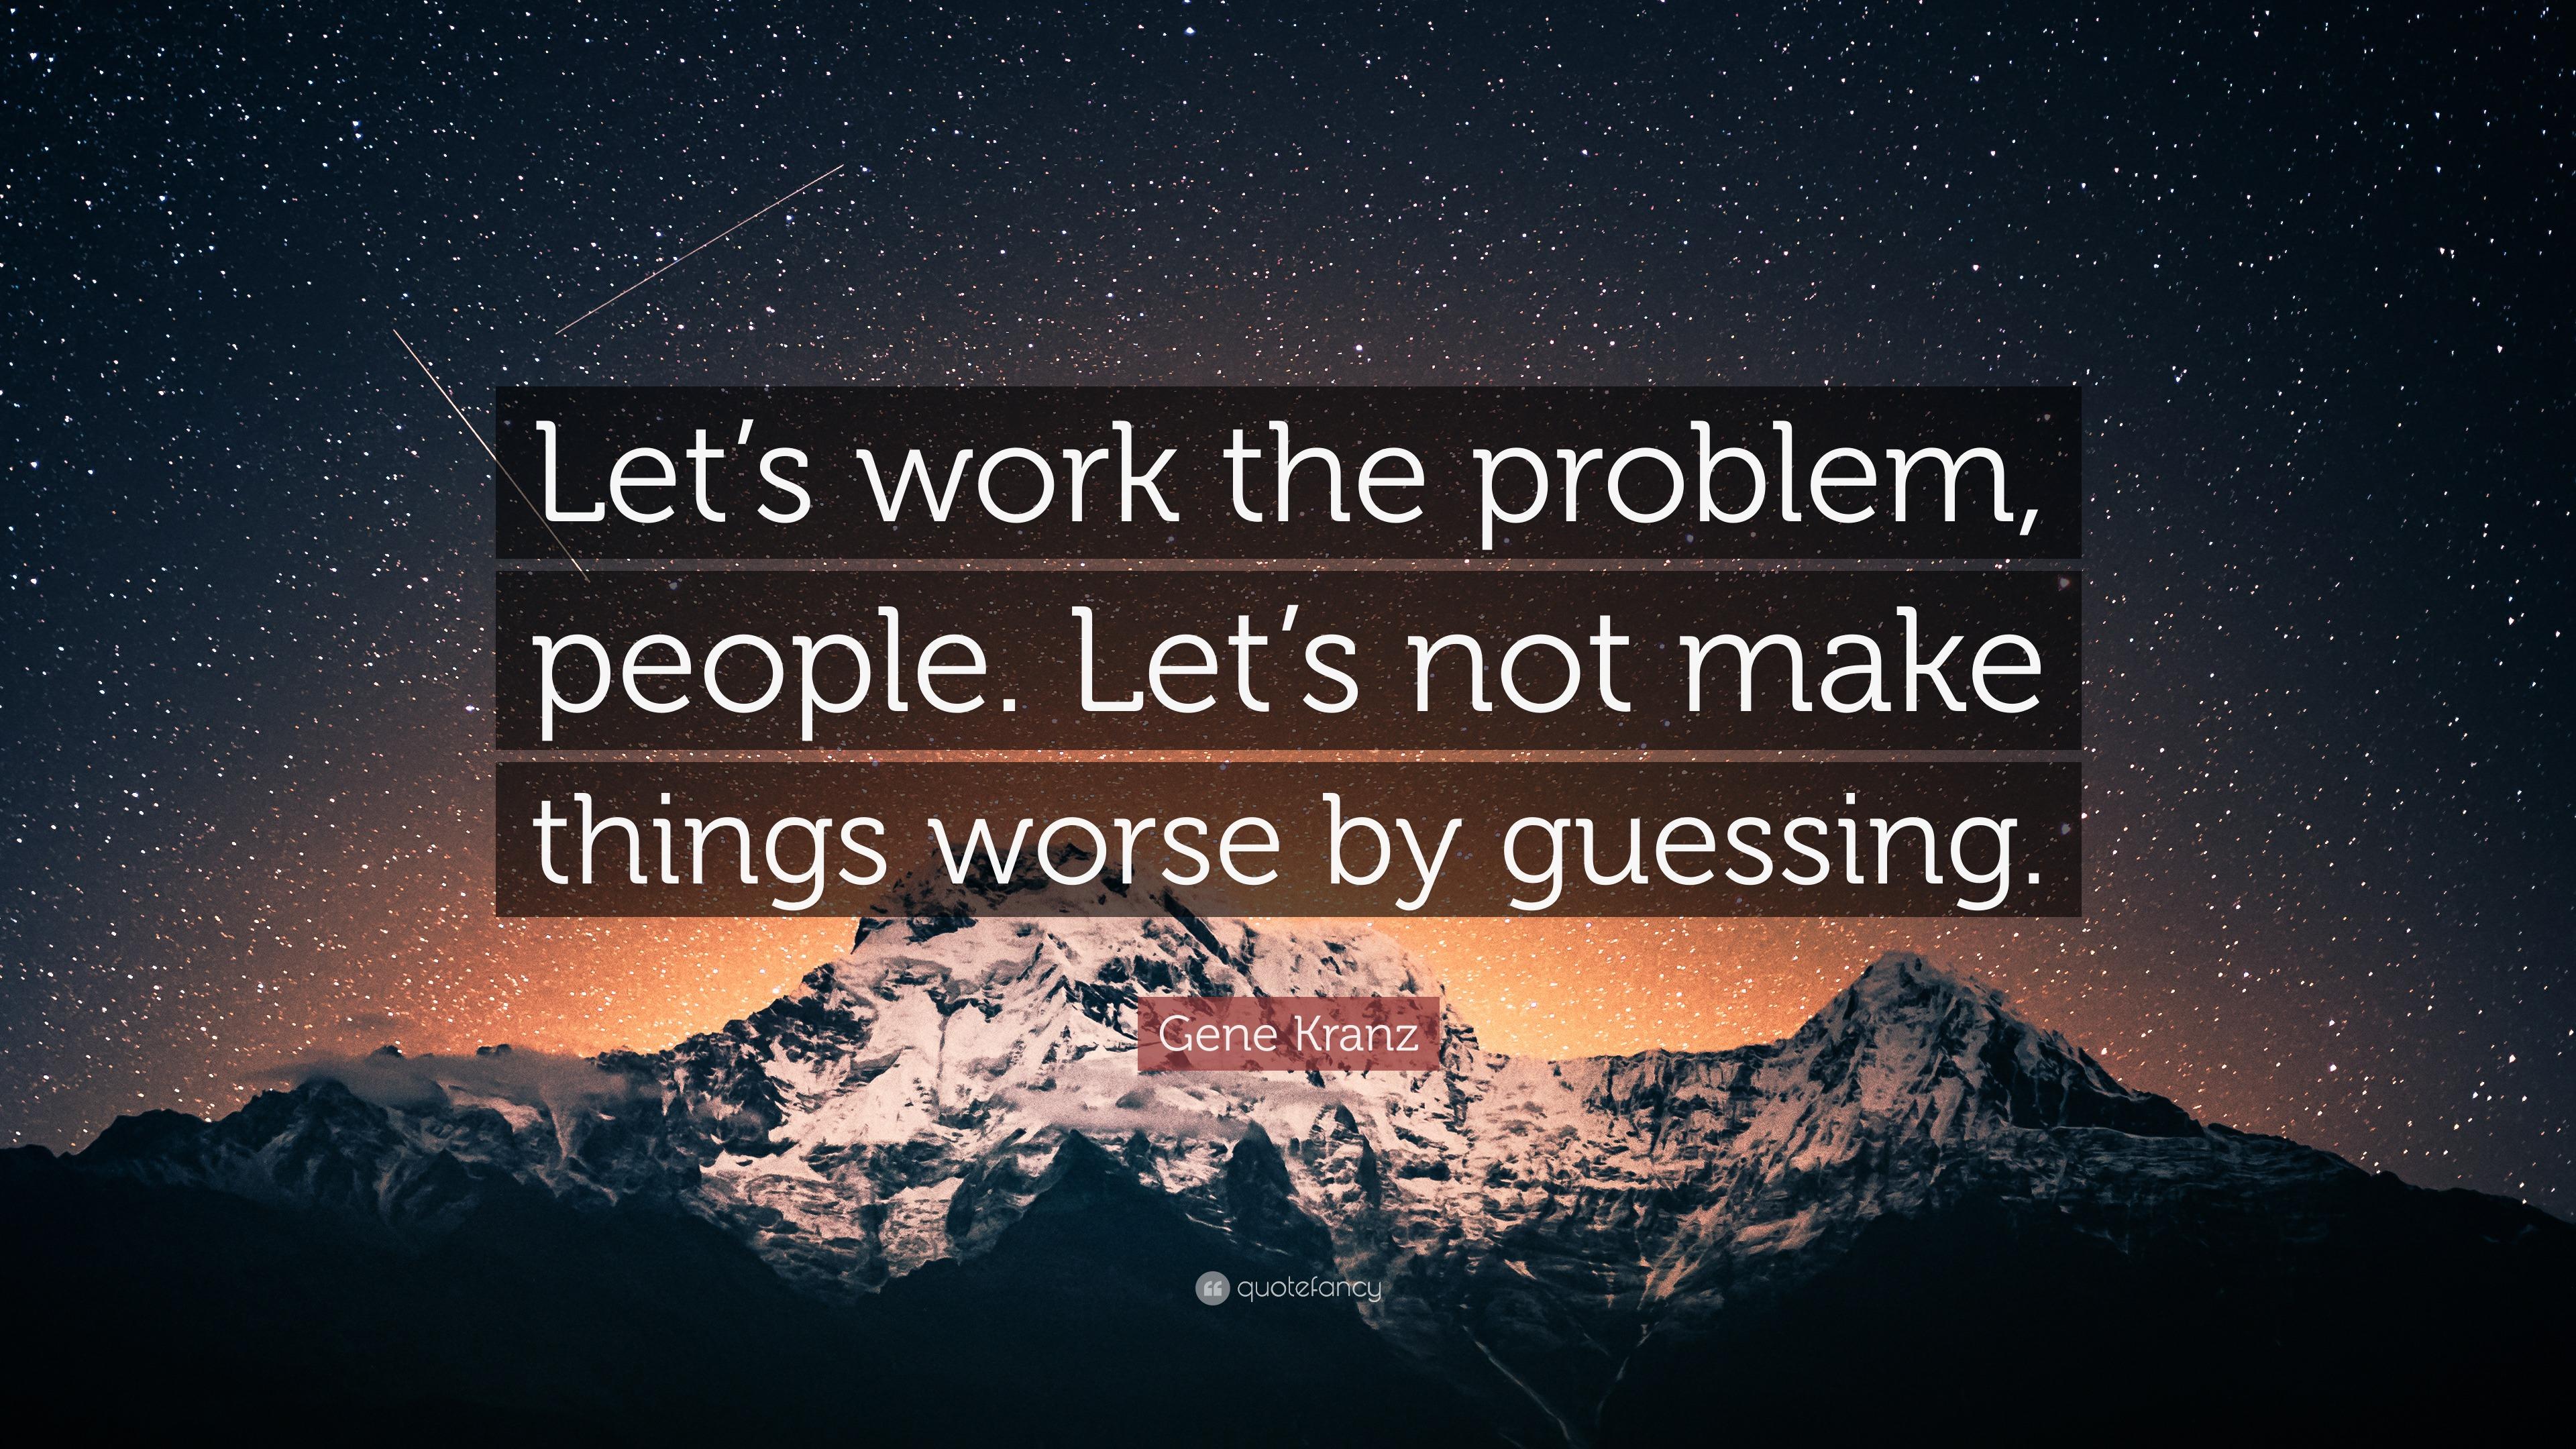 Apollo 13 Quotes Great quotesgene kranz apollo 13 quotes apollo 13 movie script • hak660